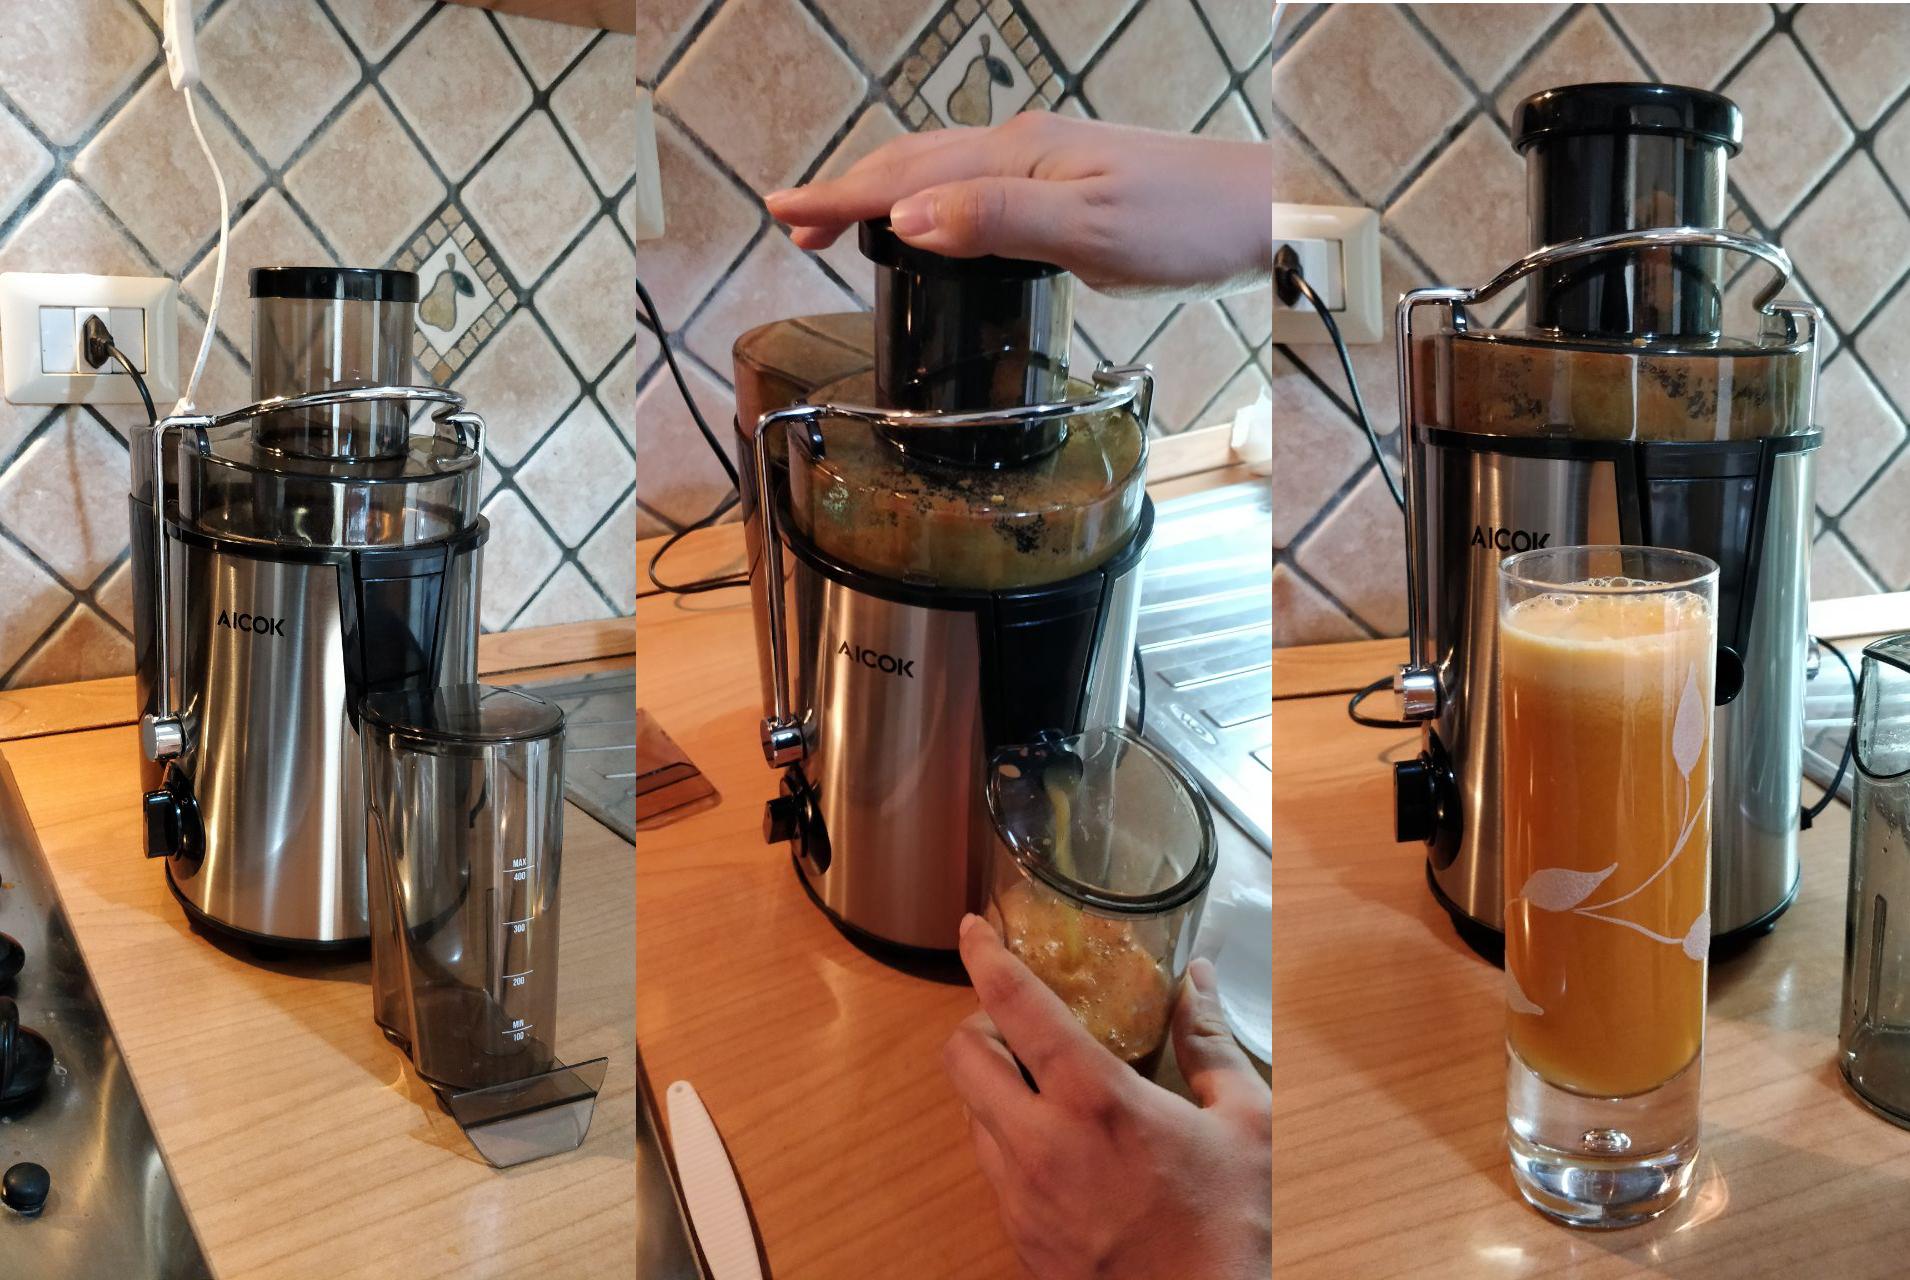 Cina in Cucina: Centrifuga Aicok estrattore di succo | Recensione